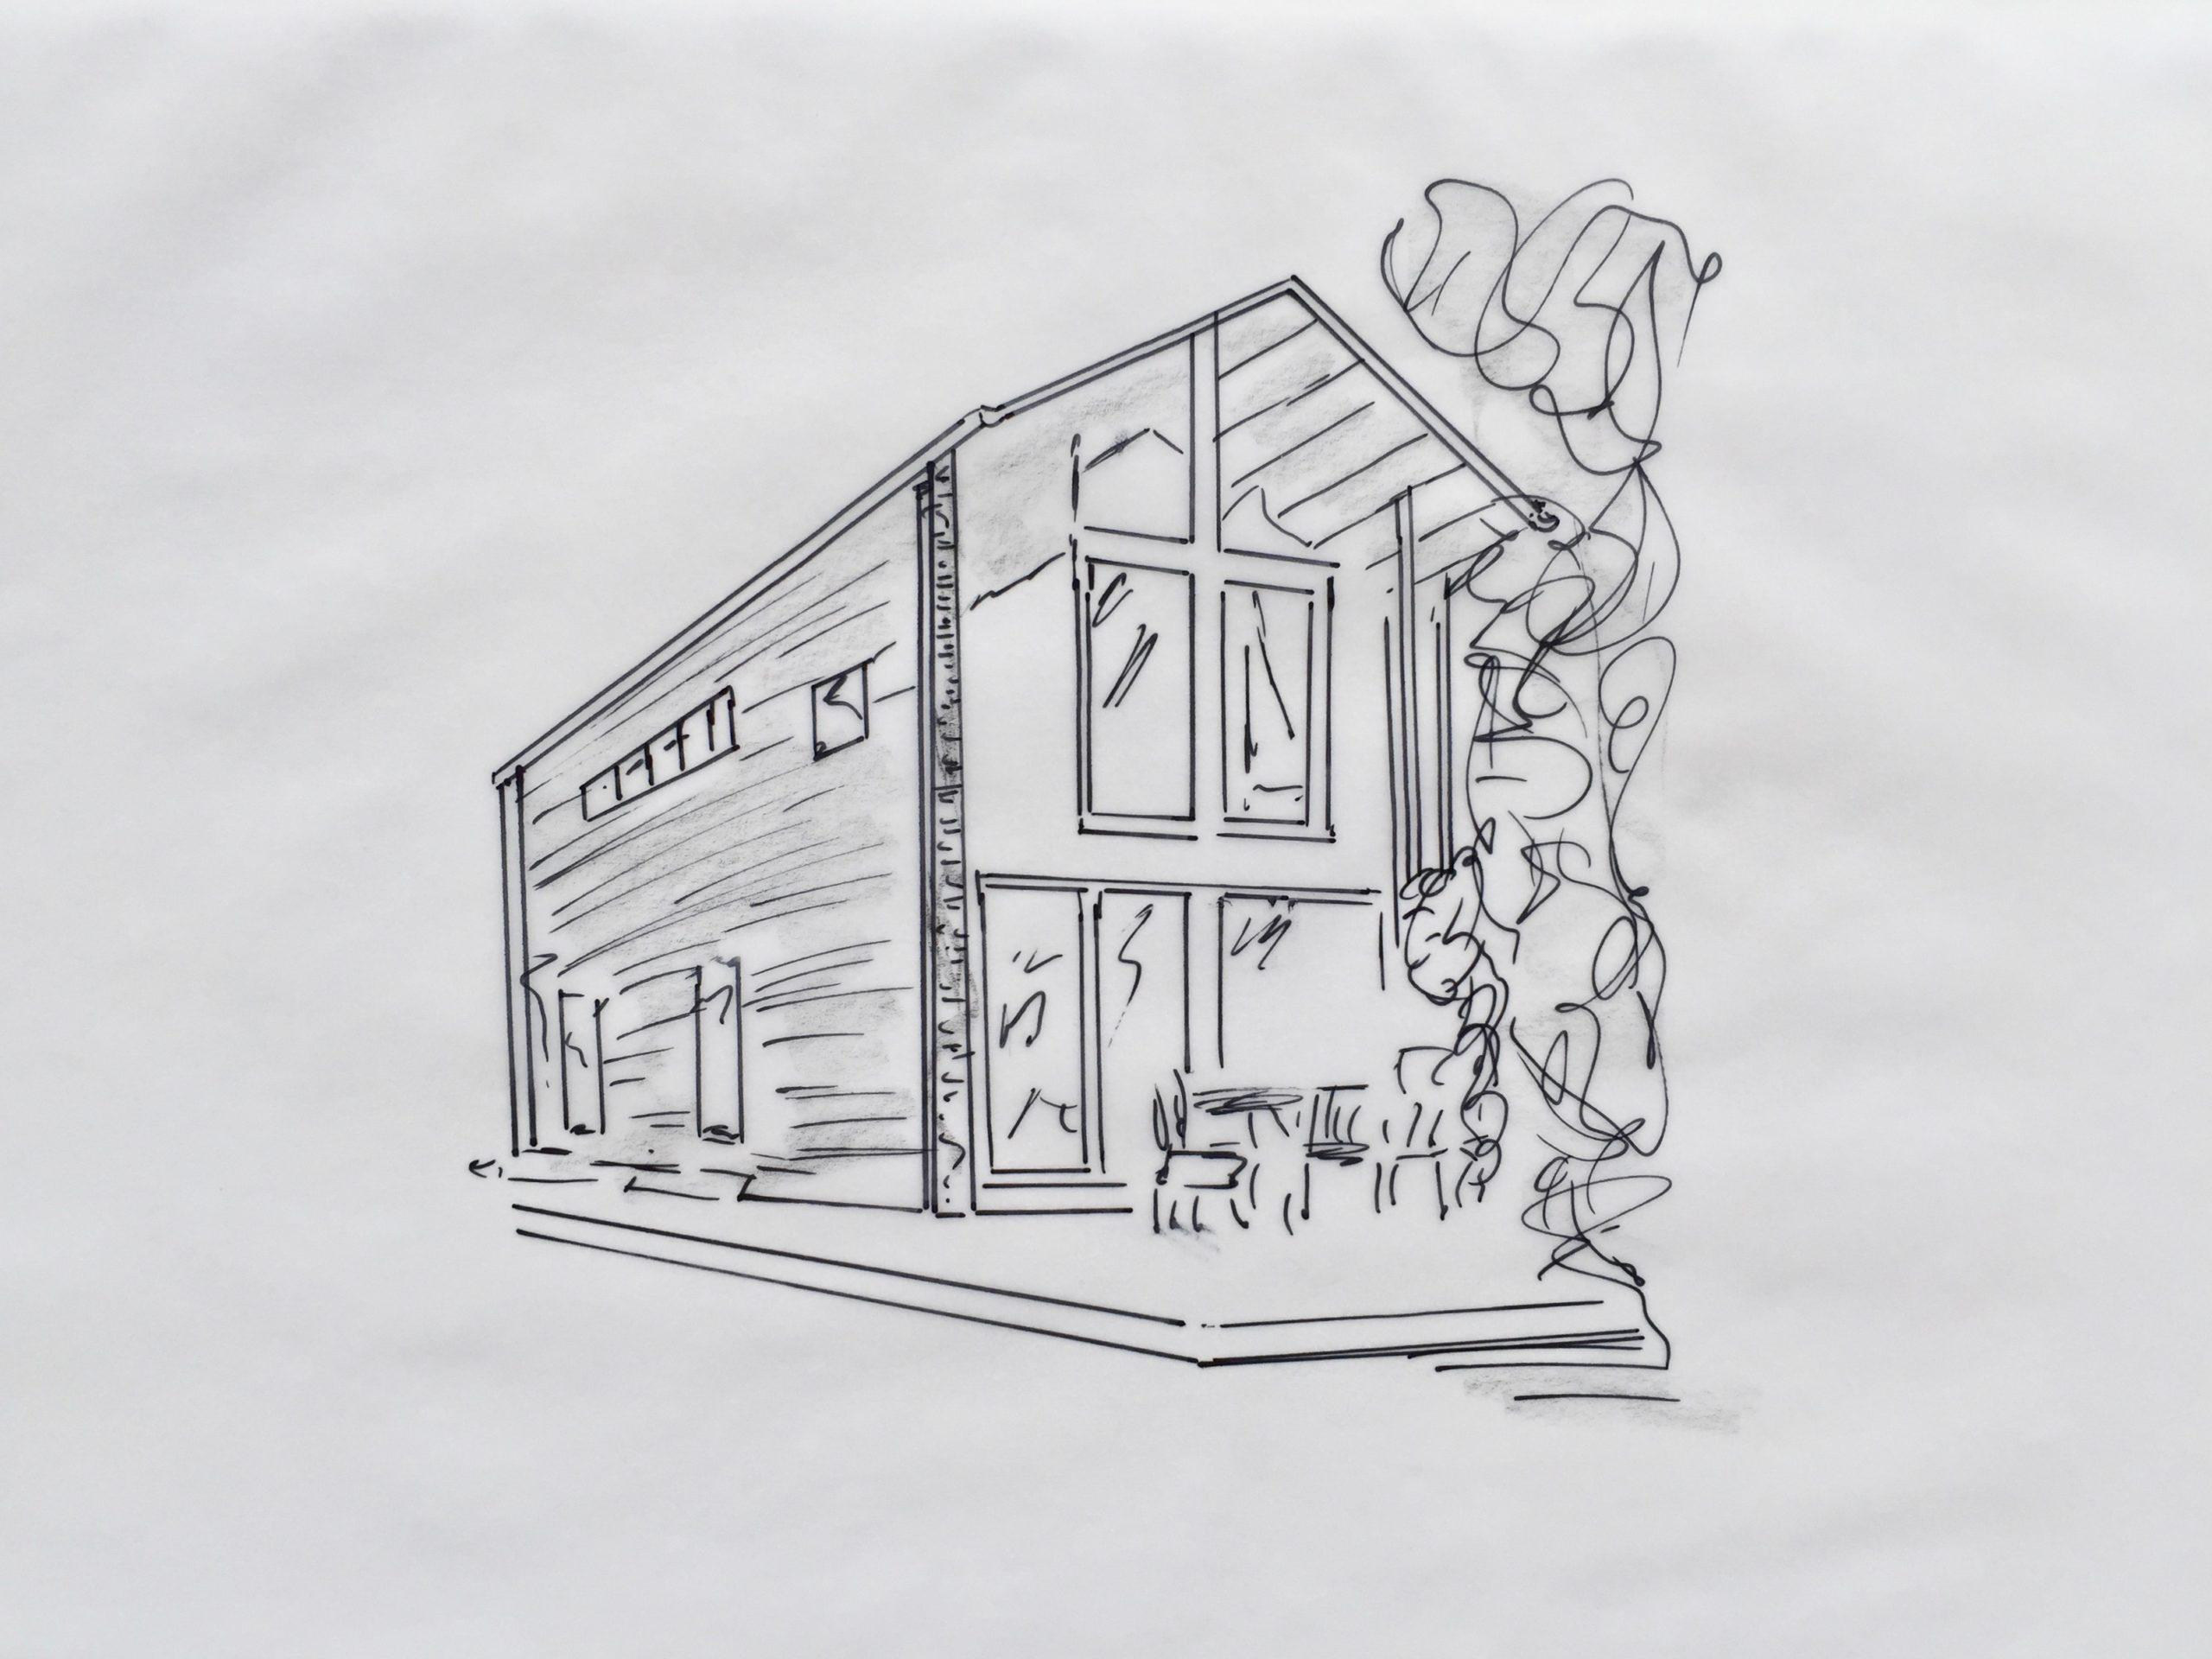 Skizze: Kleines Haus mit cleverer Raumlösung –perfekt zu zweit (im Alter), wenn das Grundstück schmal oder der Preis dafür hoch ist.